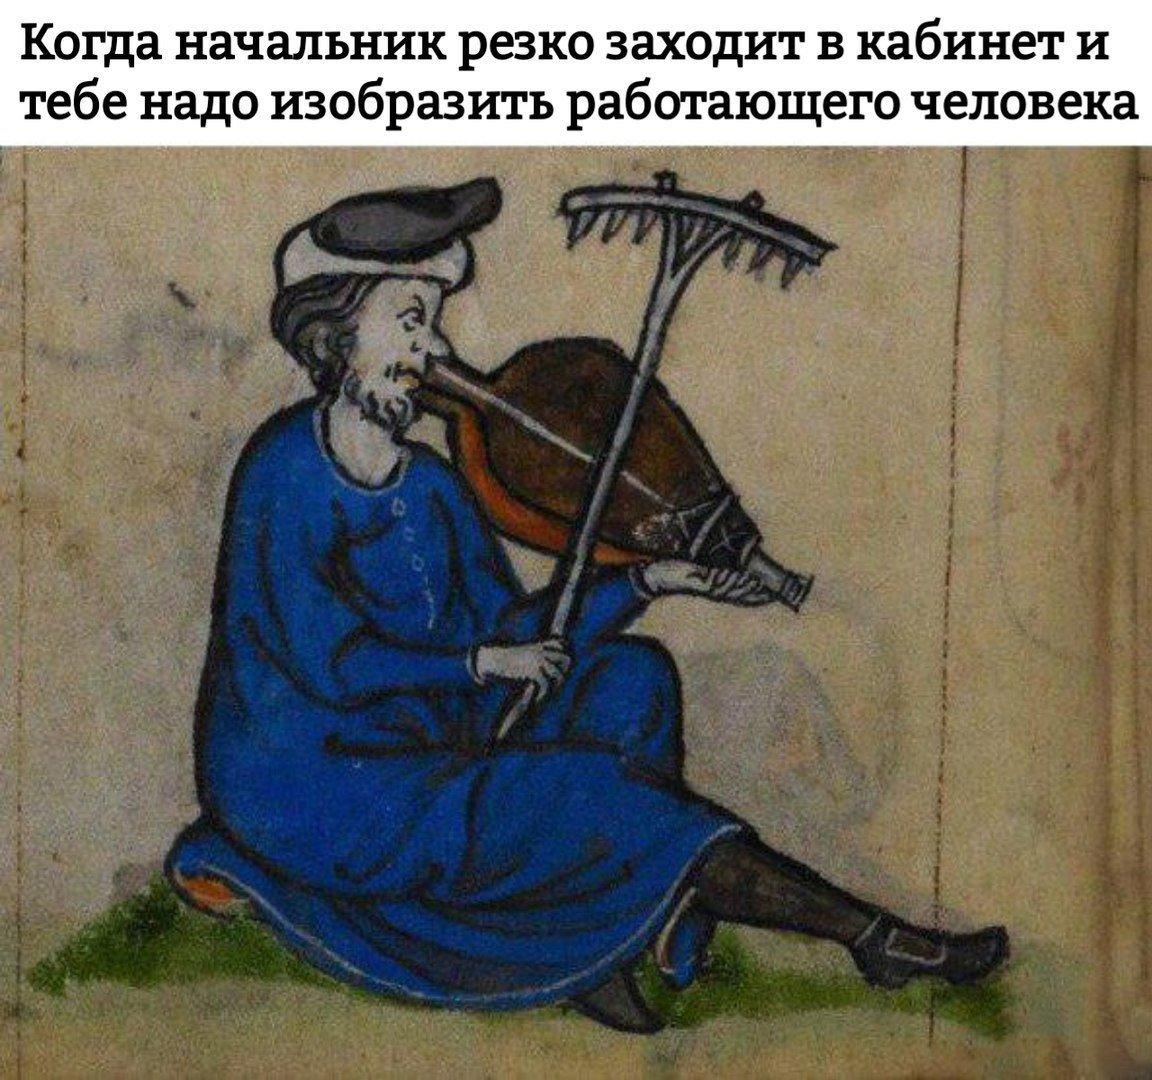 http://www.bugaga.ru/uploads/posts/2018-05/1526653323_srednevekovye-prikoly-26.jpg